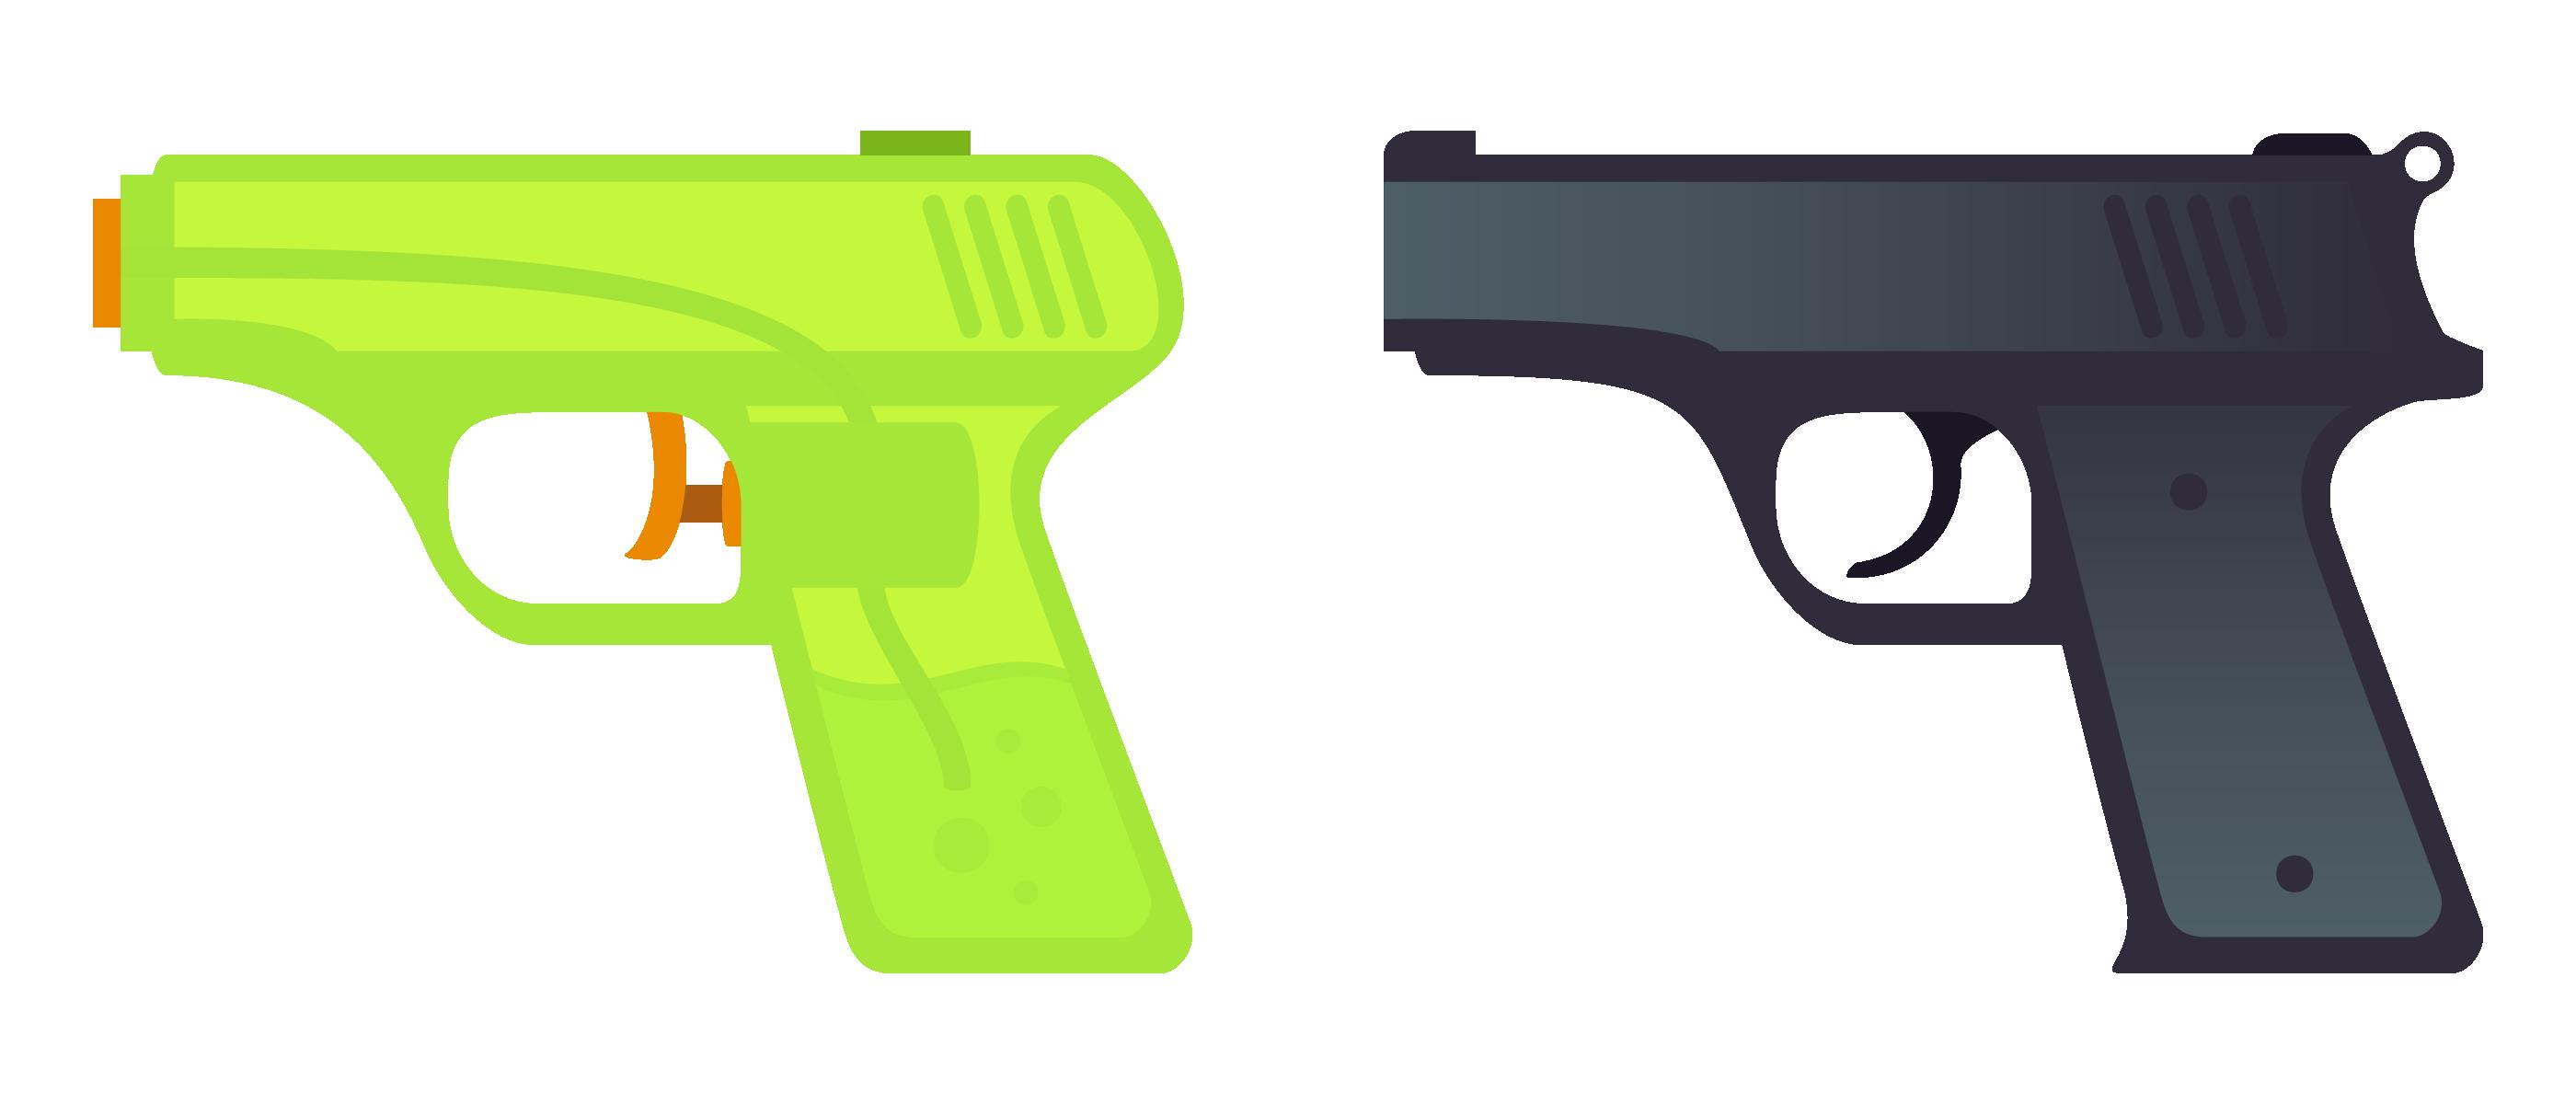 Download Png Gun Emoji   PNG & GIF BASE